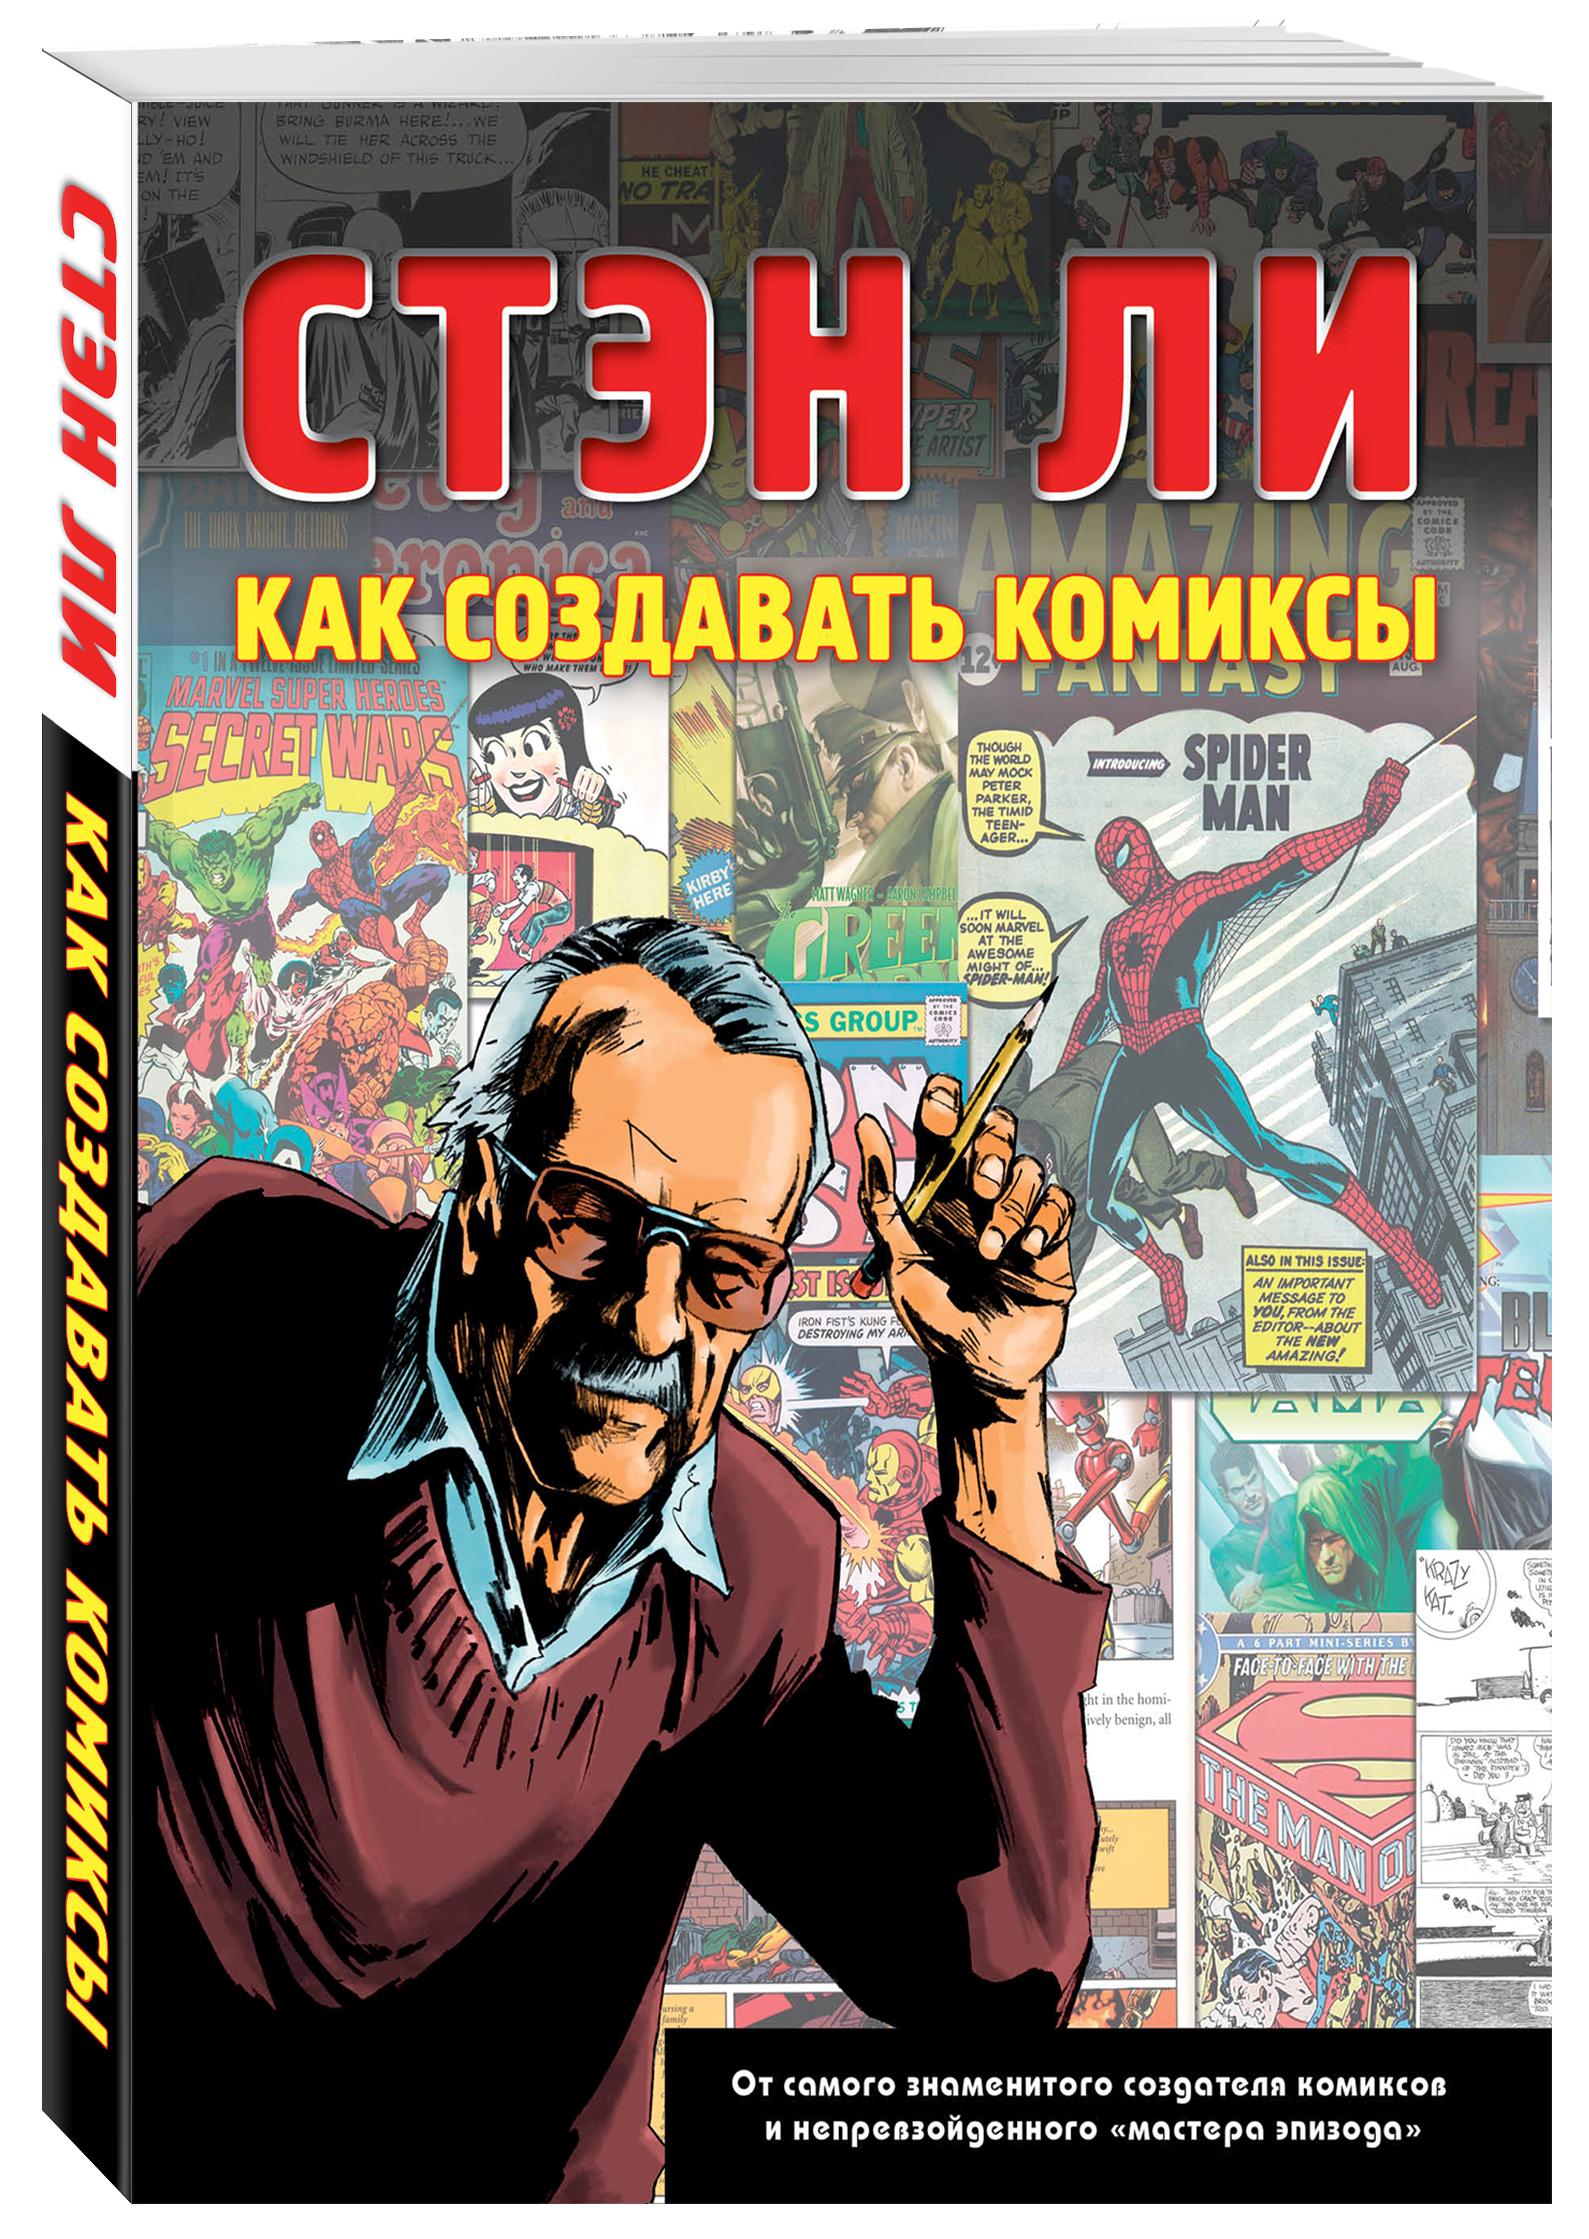 Ли С. Как создавать комиксы: эксклюзивное руководство по рисованию ли с как рисовать комиксы эксклюзивное руководство по рисованию